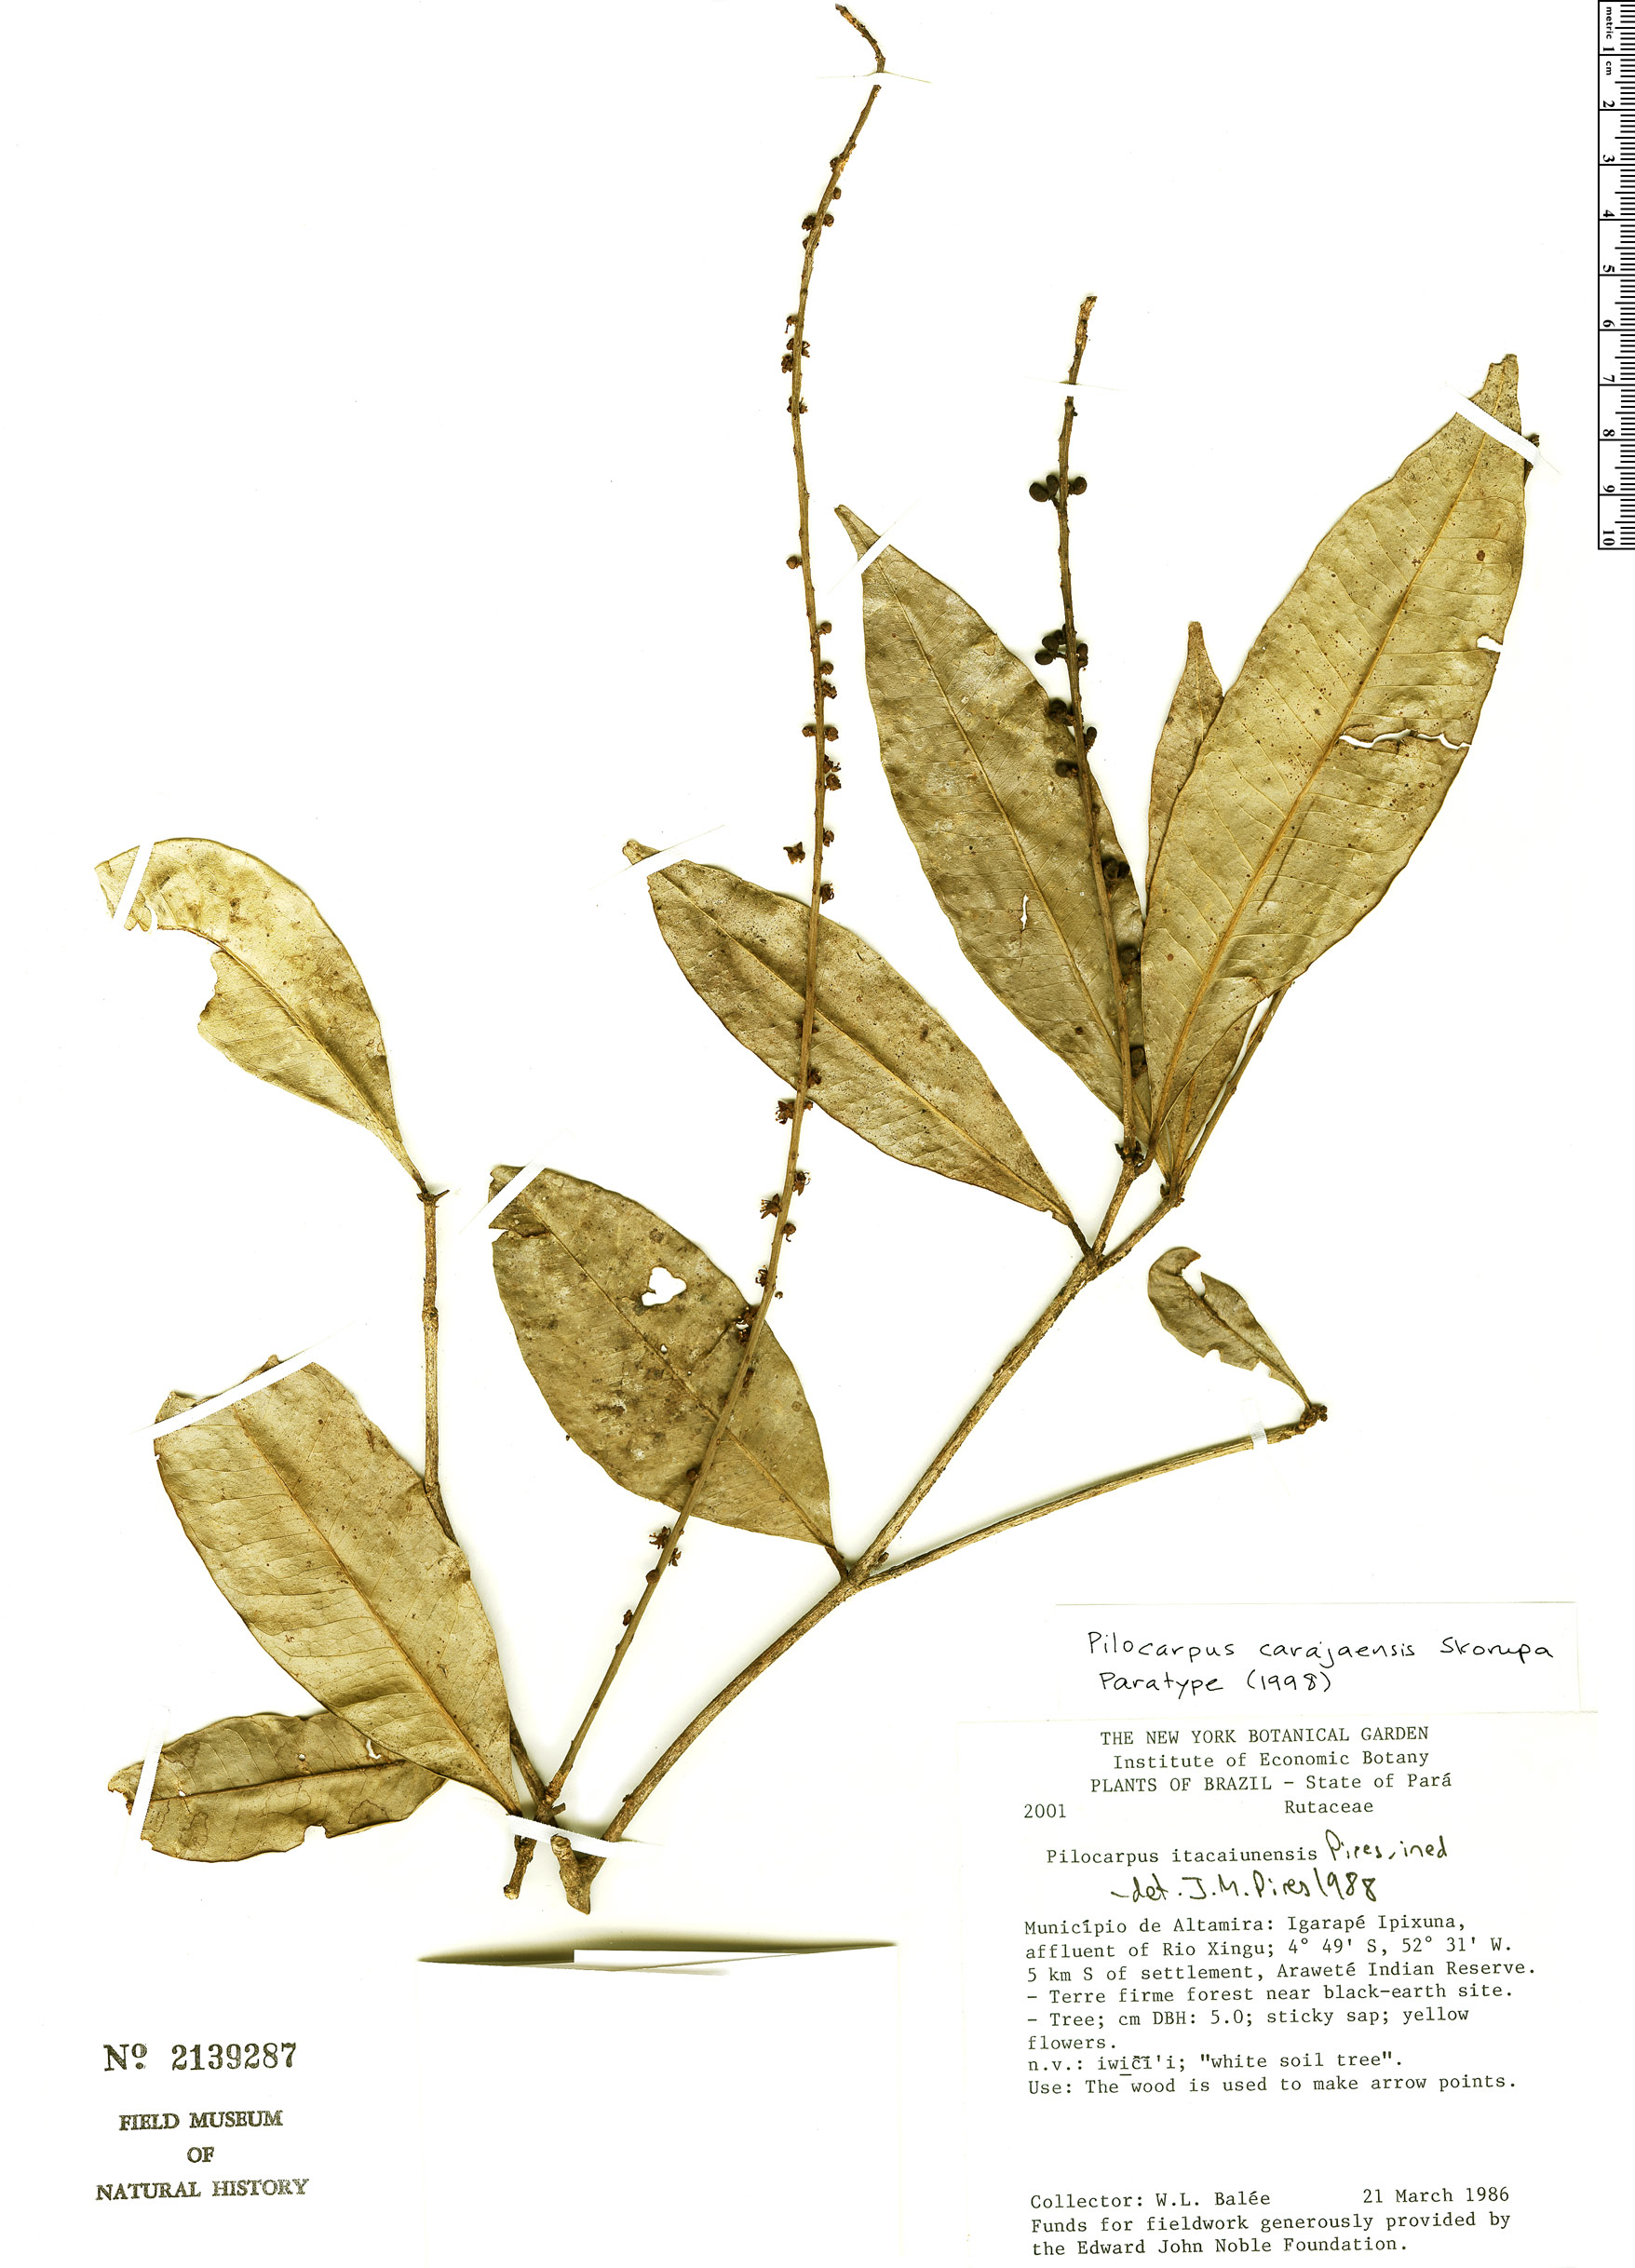 Specimen: Pilocarpus carajaensis